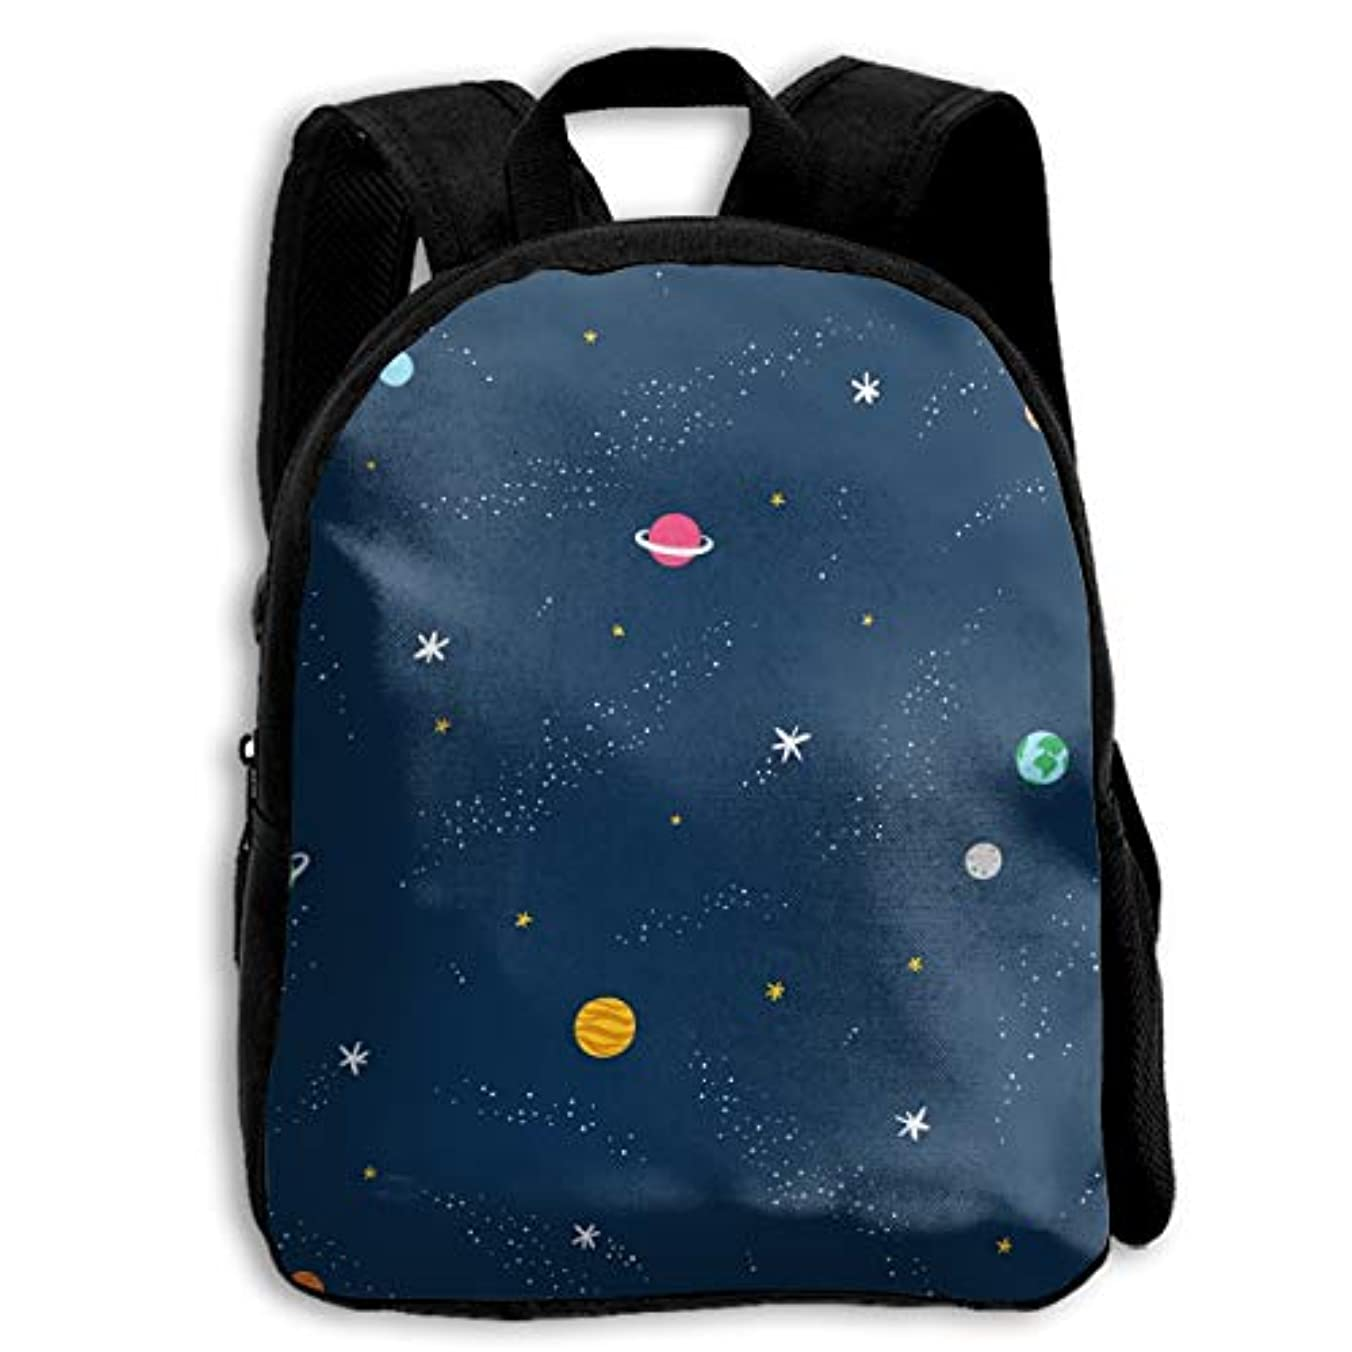 息切れヶ月目敗北キッズ リュックサック バックパック キッズバッグ 子供用のバッグ キッズリュック 学生 惑星 宇宙 銀河 星 夜 アウトドア 通学 ハイキング 遠足